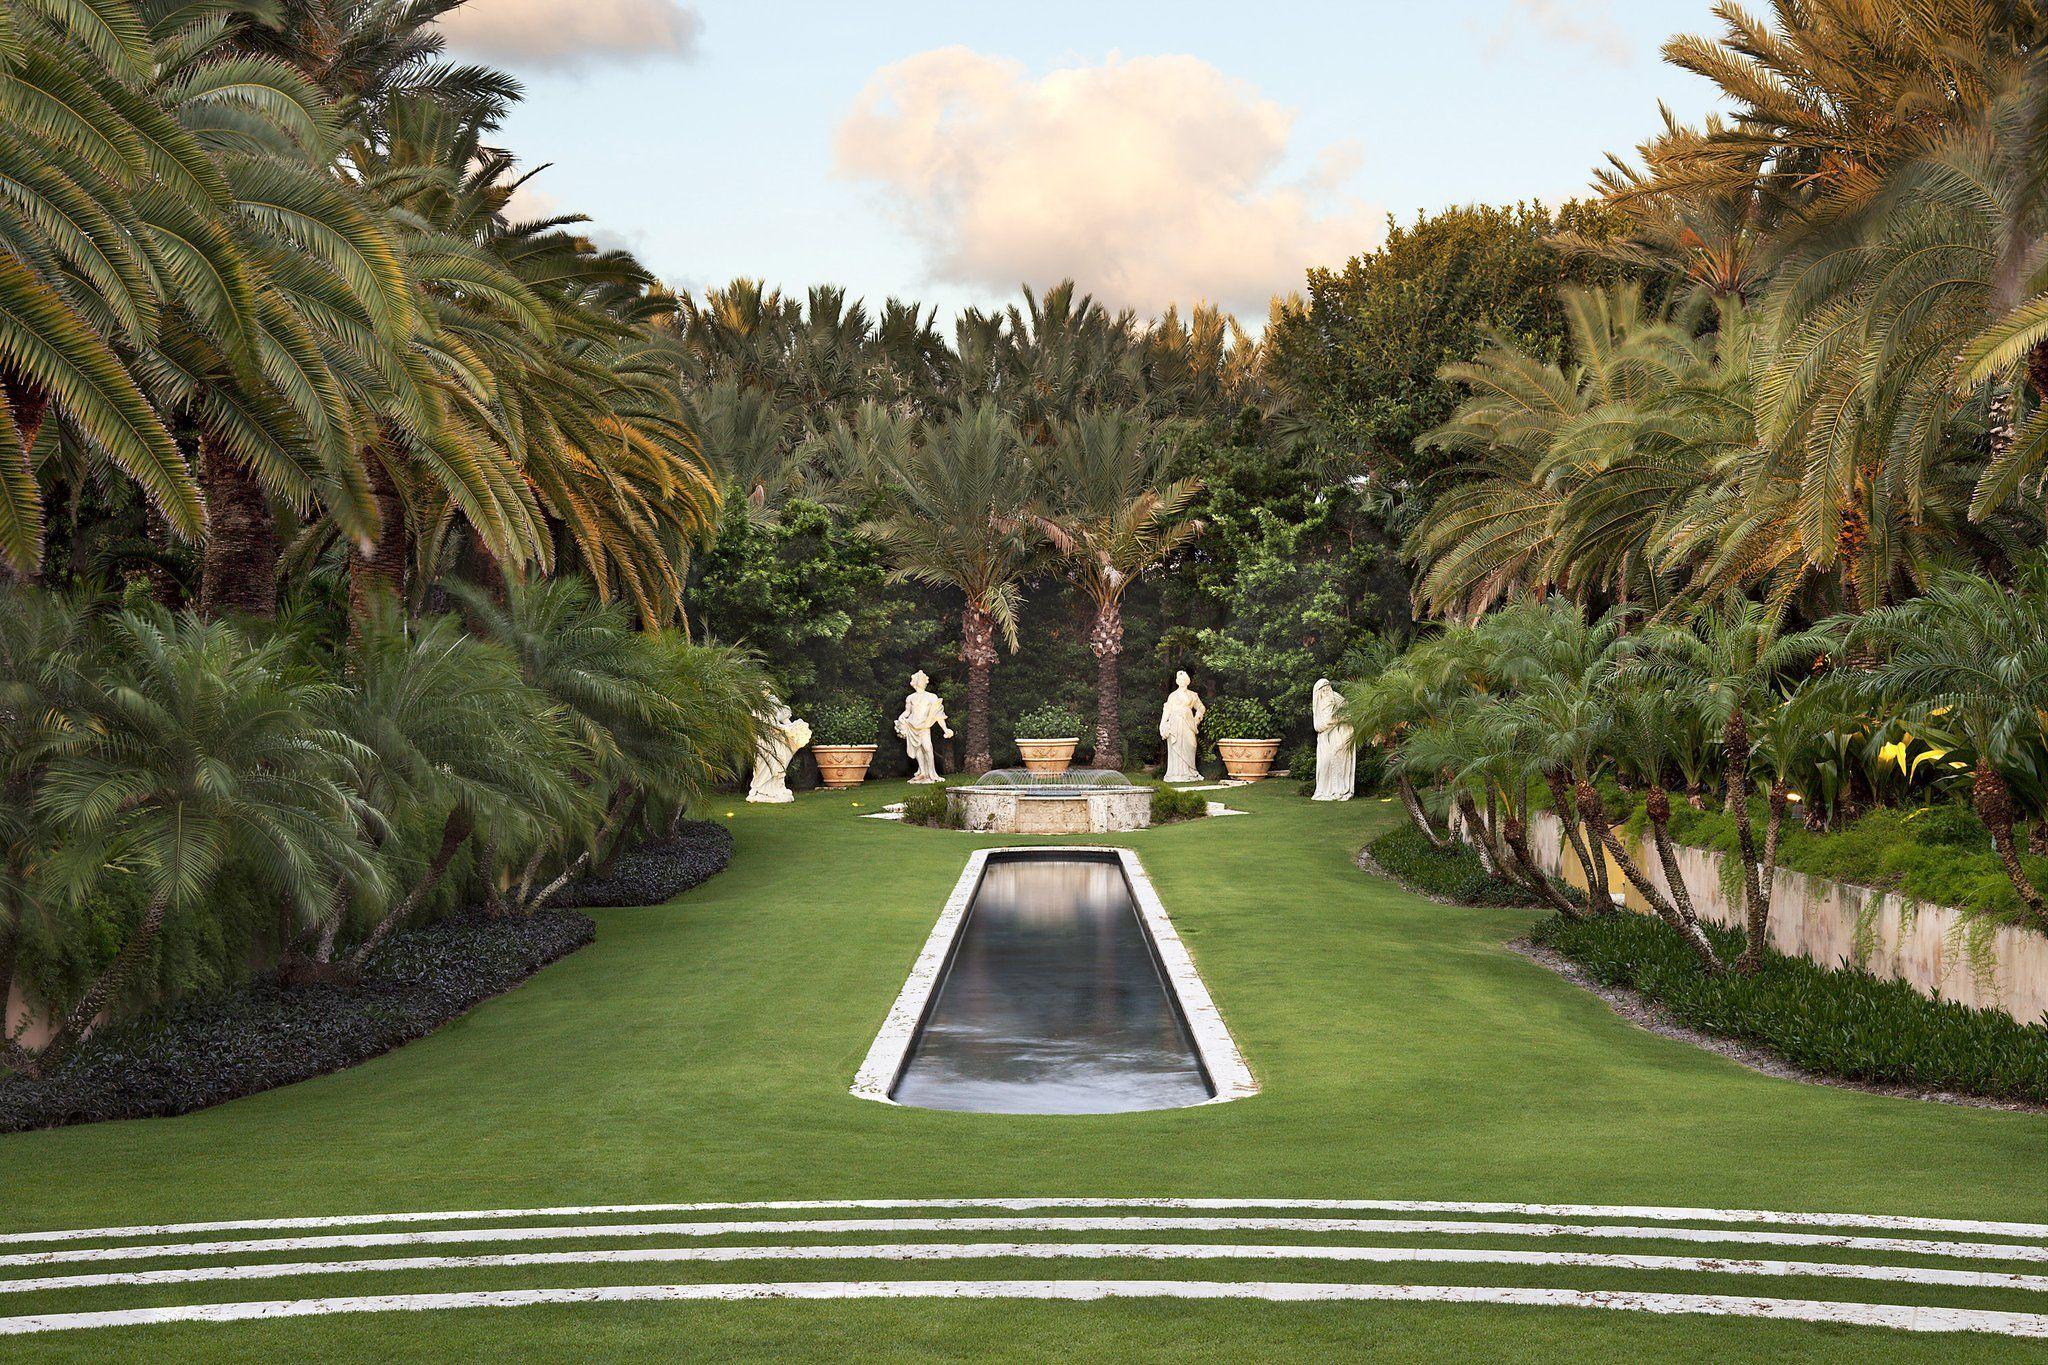 palm beach garden | Breathtaking Interior...Exterior | Pinterest ...